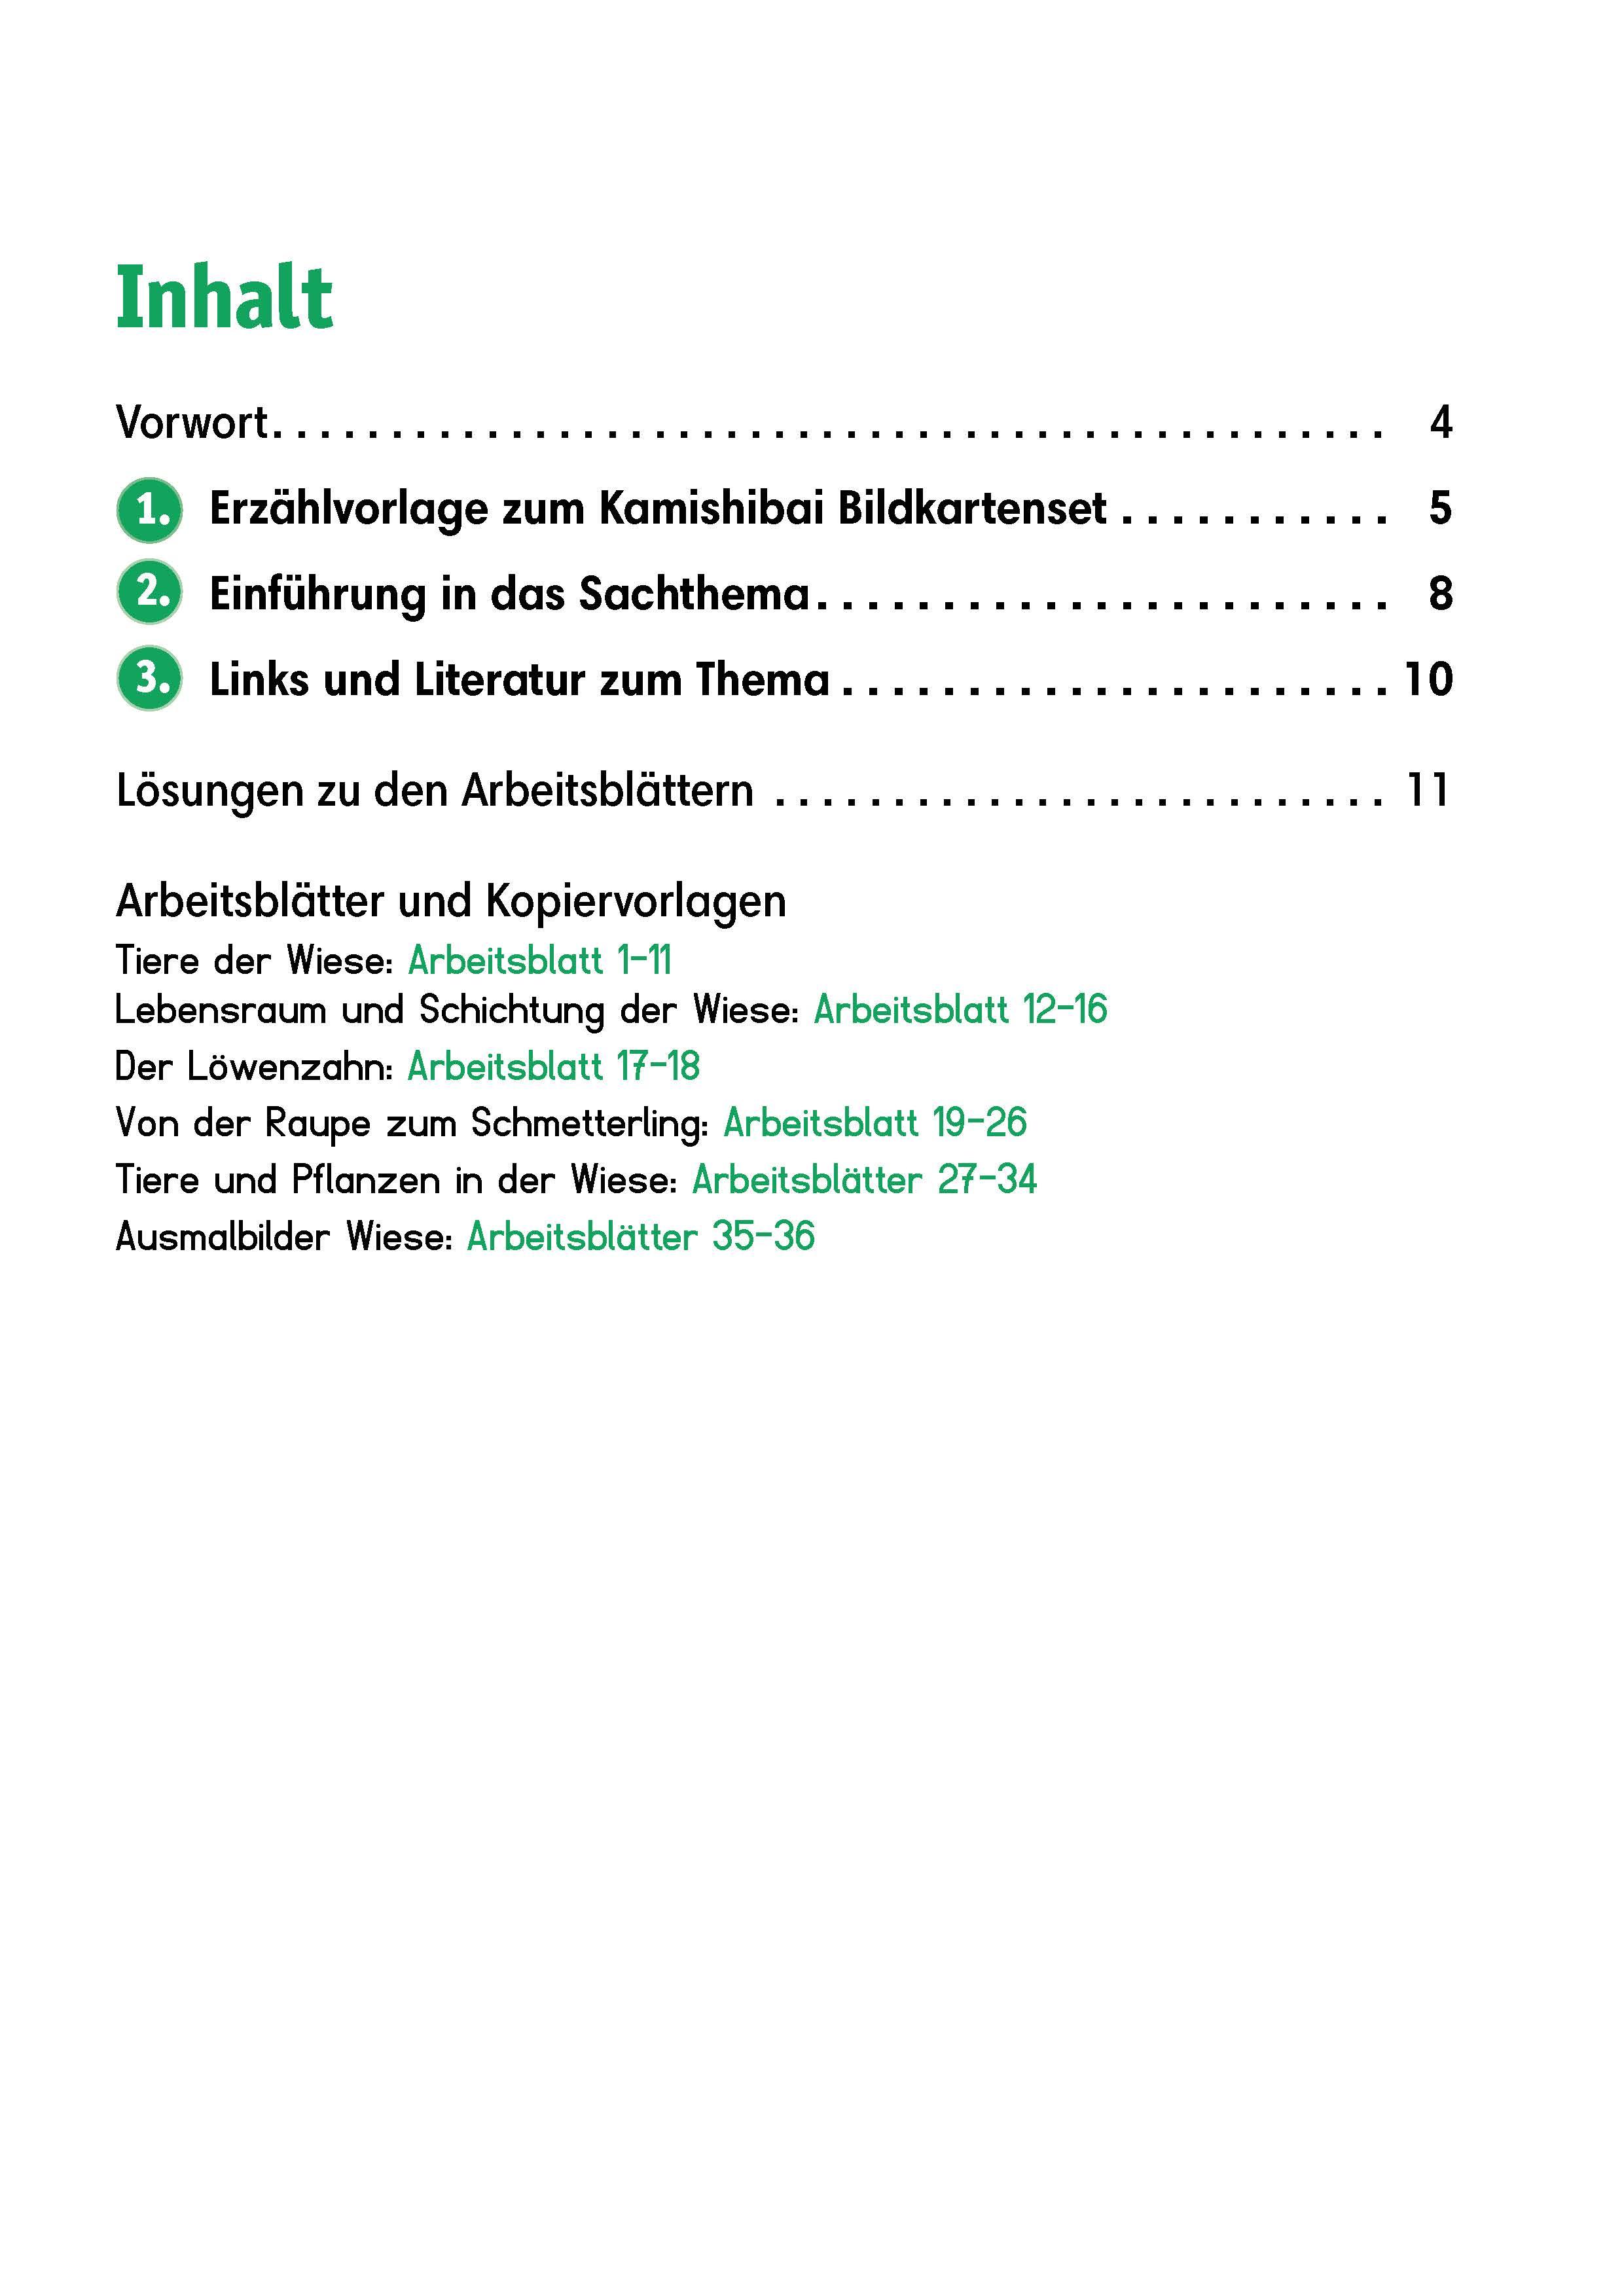 Innenansicht zu Arbeitsmaterial Grundschule. Sachunterricht. Tiere und Pflanzen in der Wiese